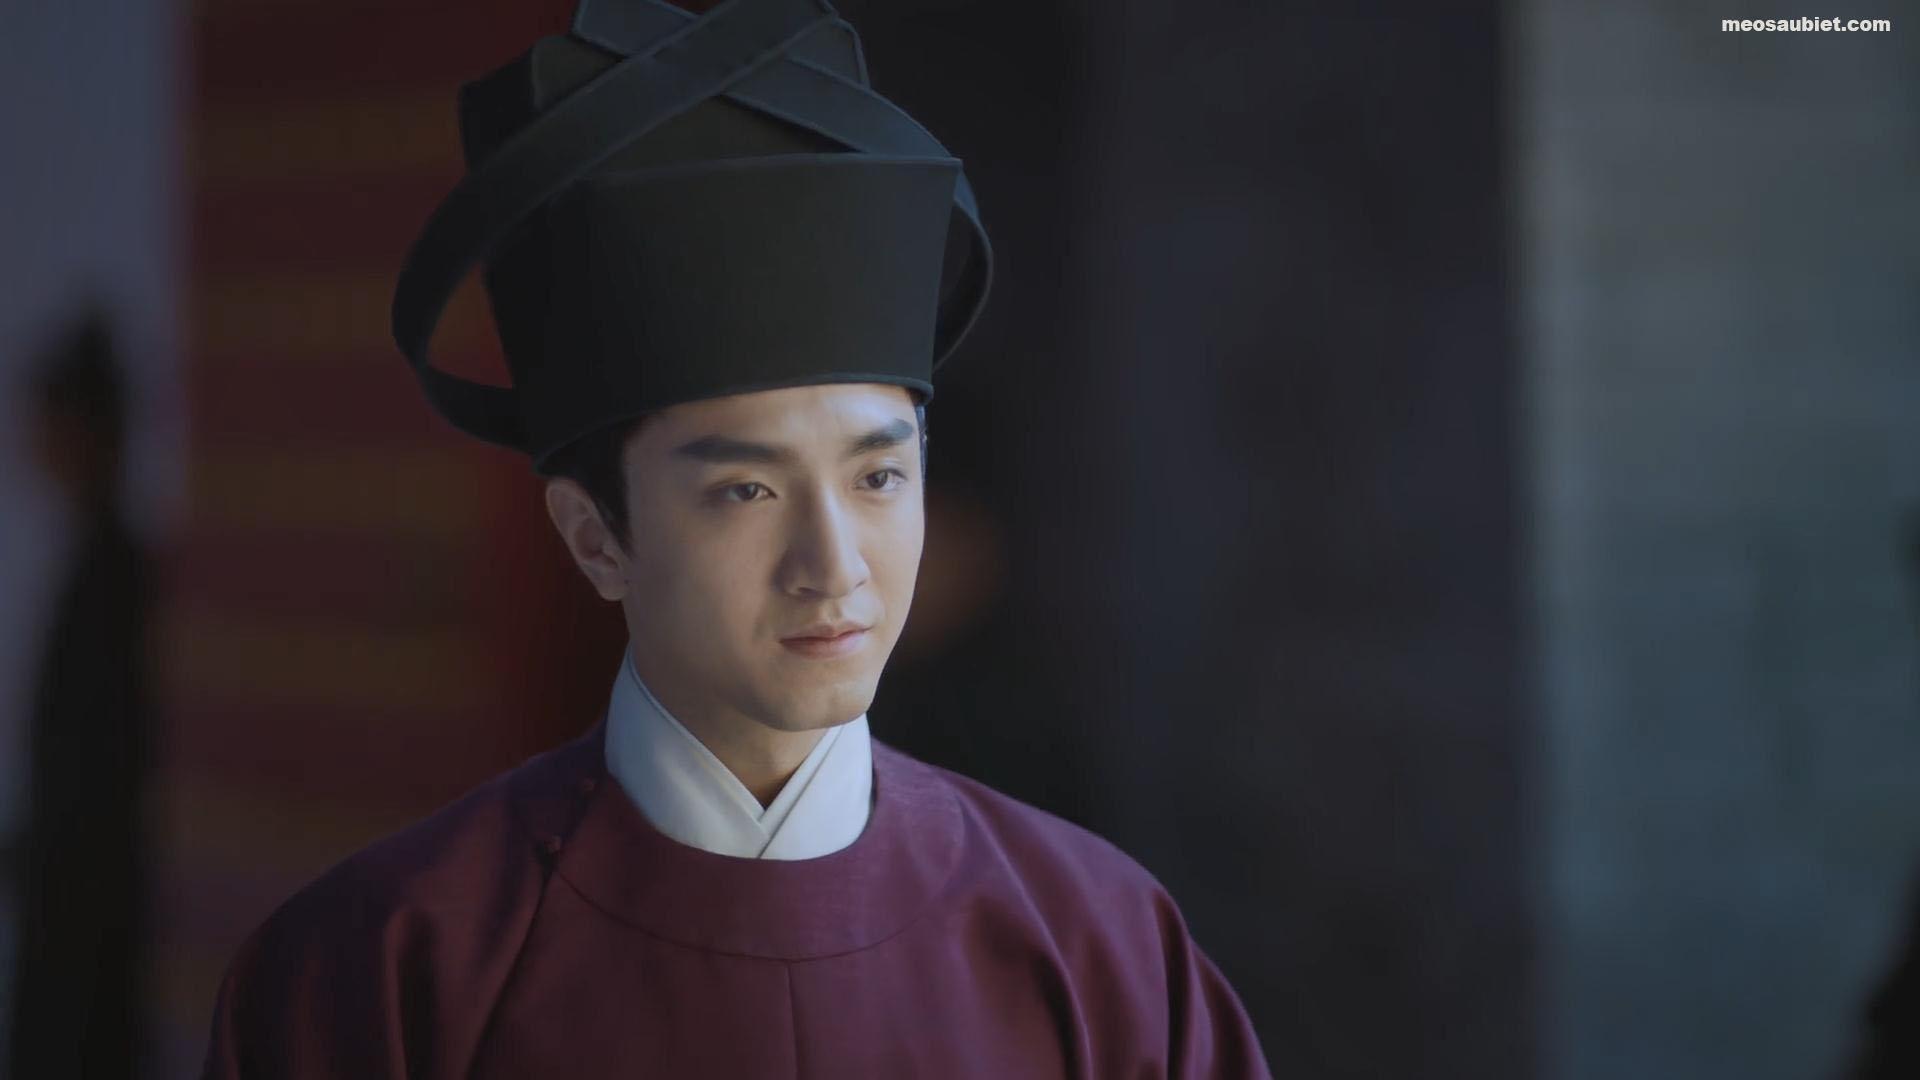 Hạc Lệ Hoa Đình 2019 Kim Hãn trong vai Tề vương Tiêu Định Đường